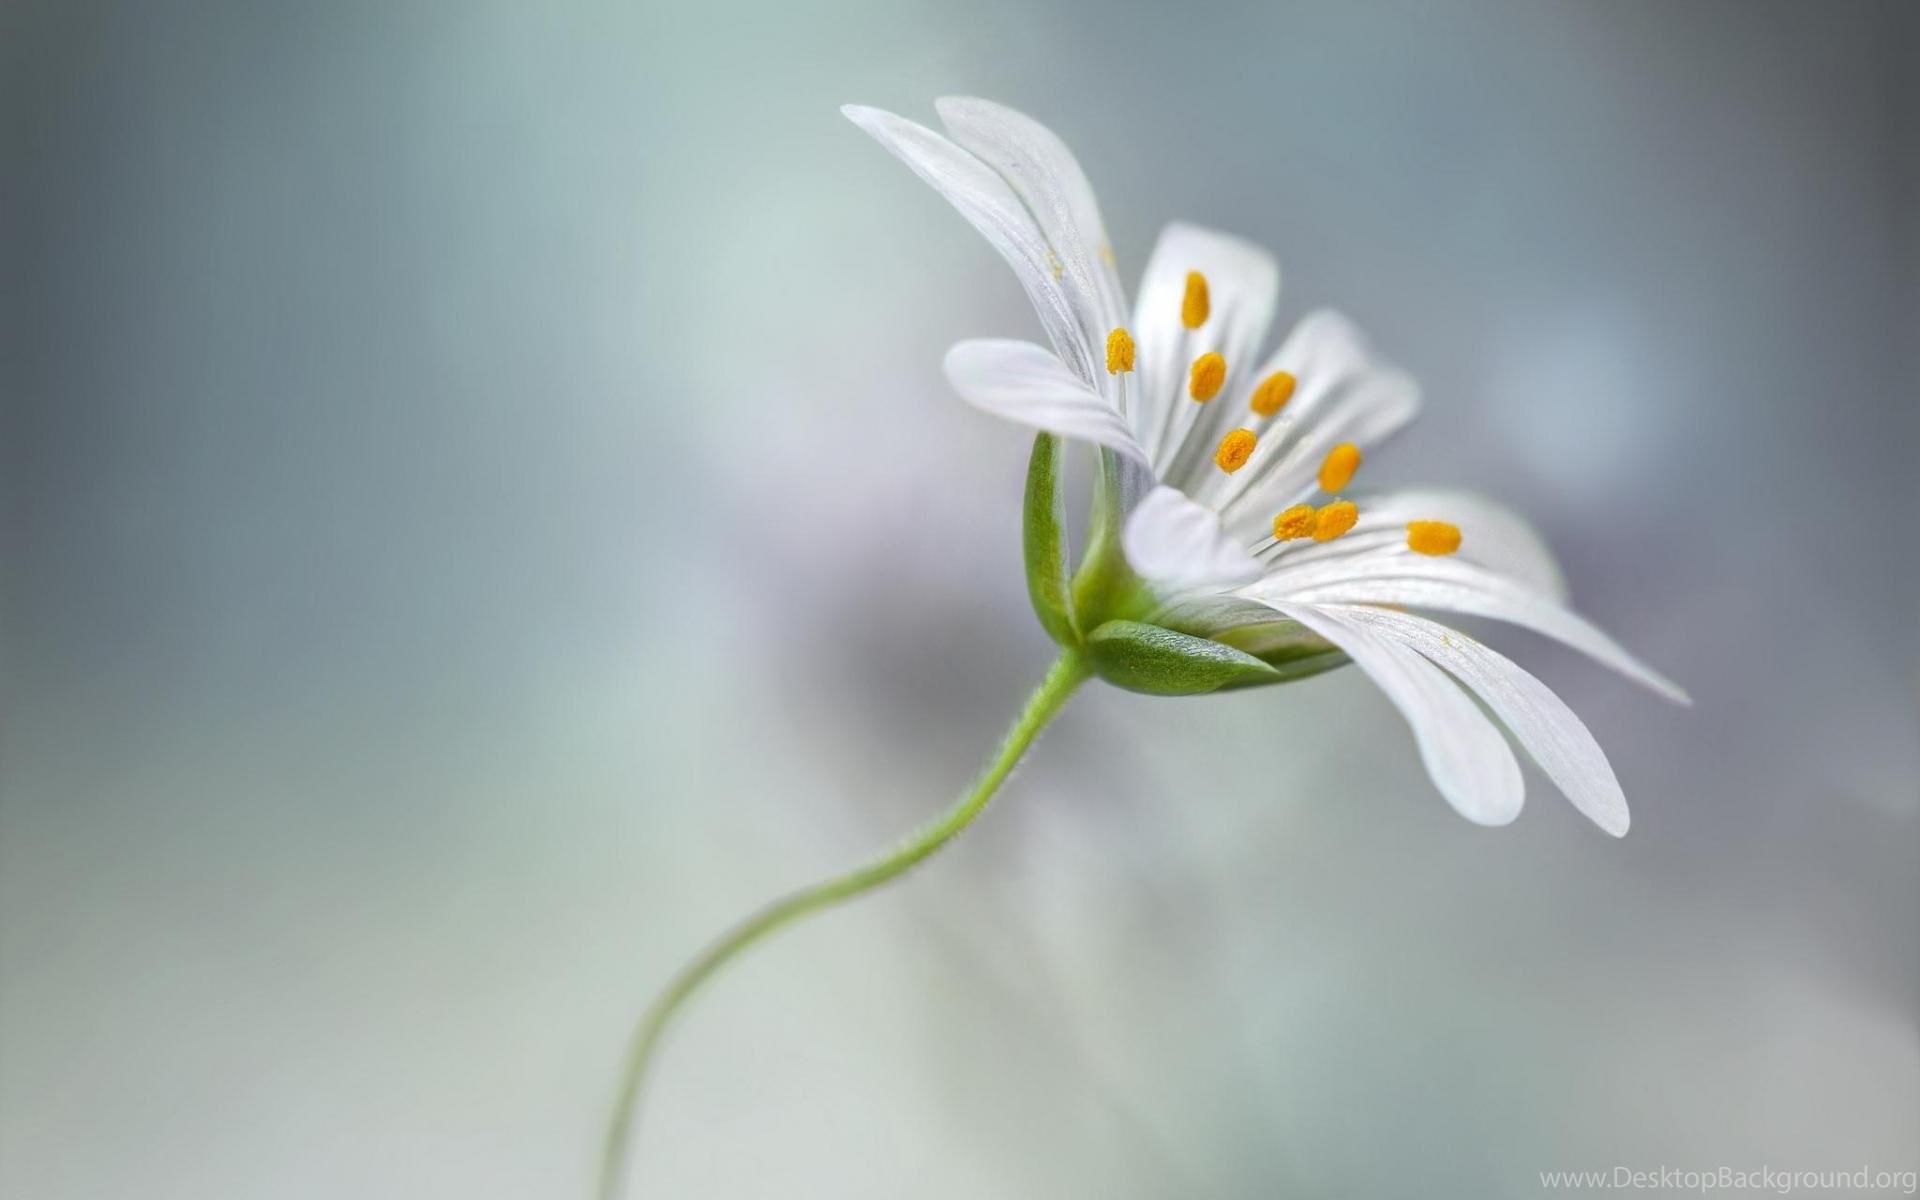 Single Flower Beauty HD Wallpapers For Desktop & Mobile